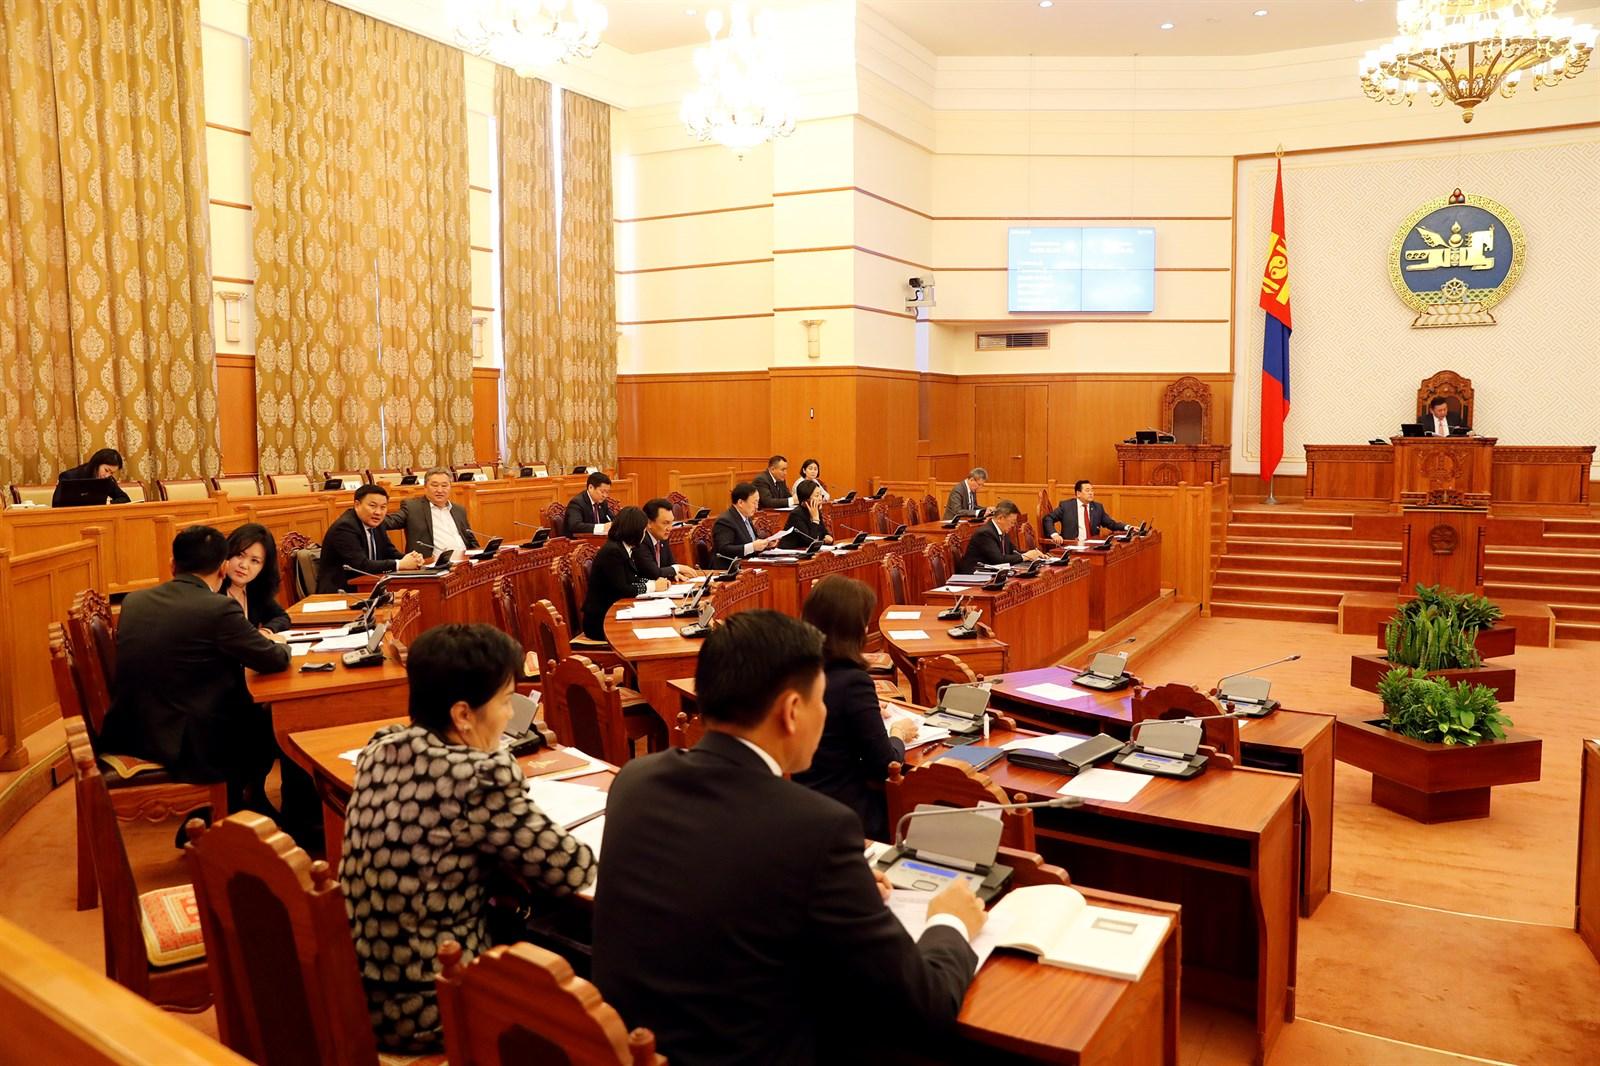 Монгол Улсын эдийн засаг, нийгмийг 2017 онд хөгжүүлэх үндсэн чиглэл 79.3 хувийн биелэлттэй байна